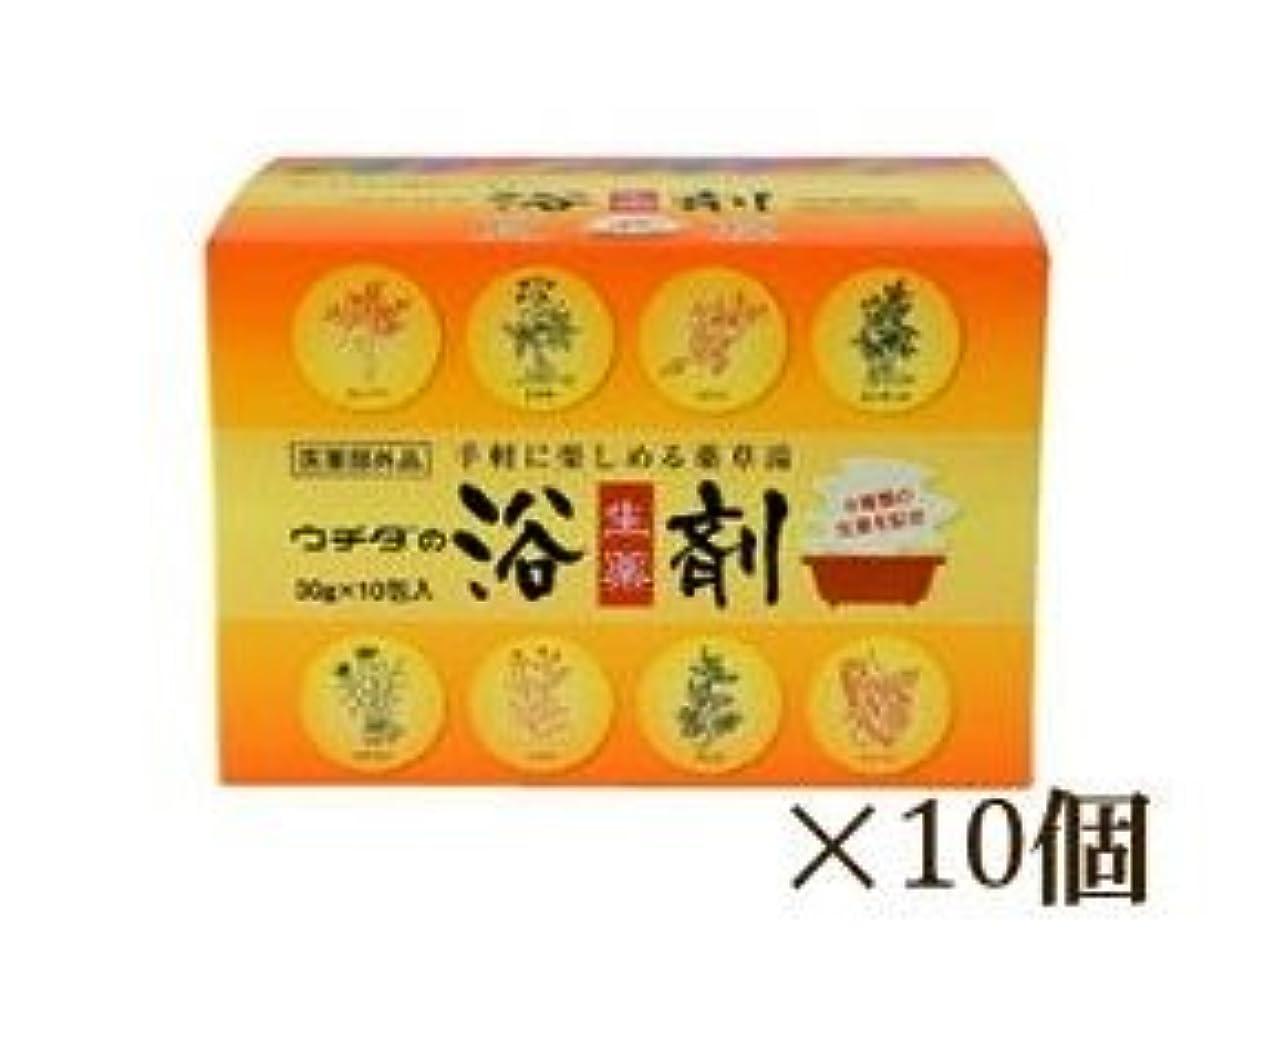 砂漠アルプス刻むウチダの生薬浴剤 10箱セット (1箱30g×10包) 医薬部外品